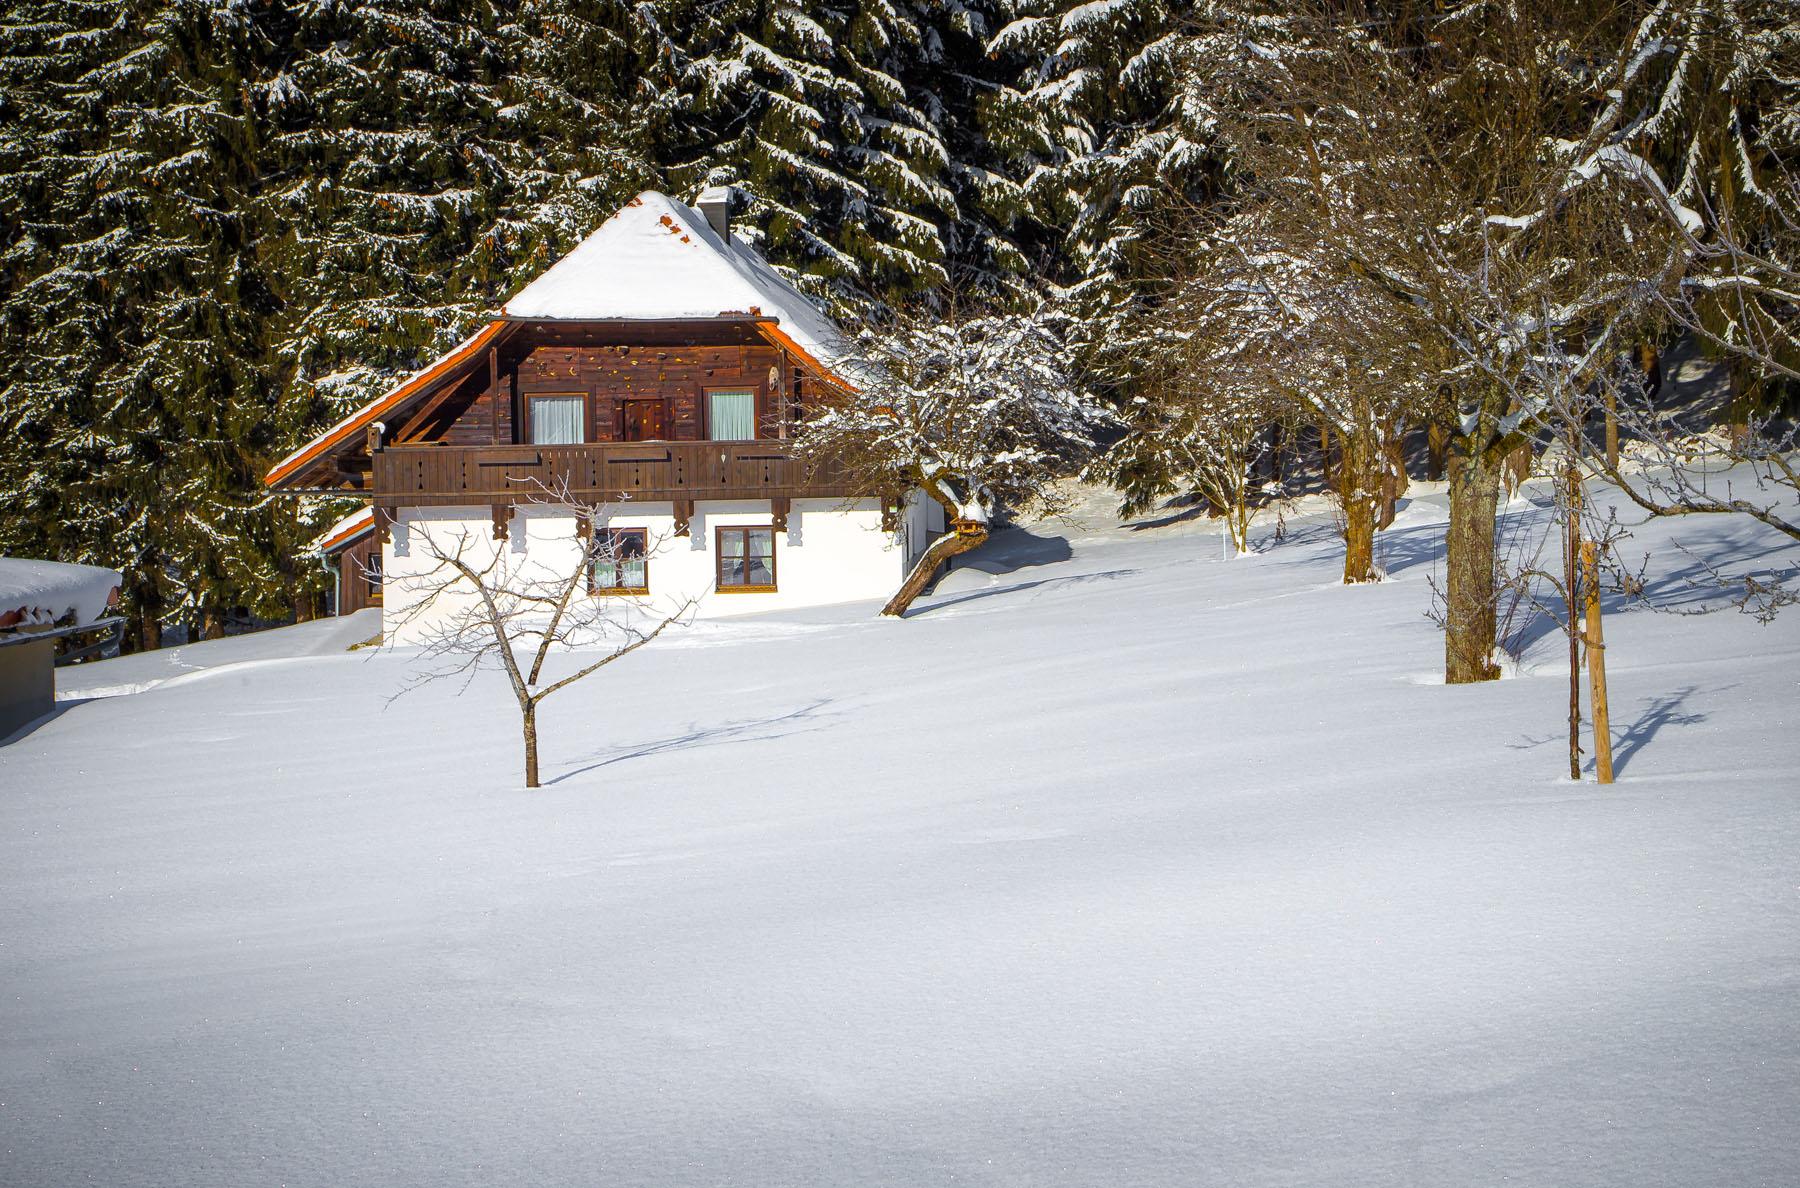 Bauernhaus Winter 3